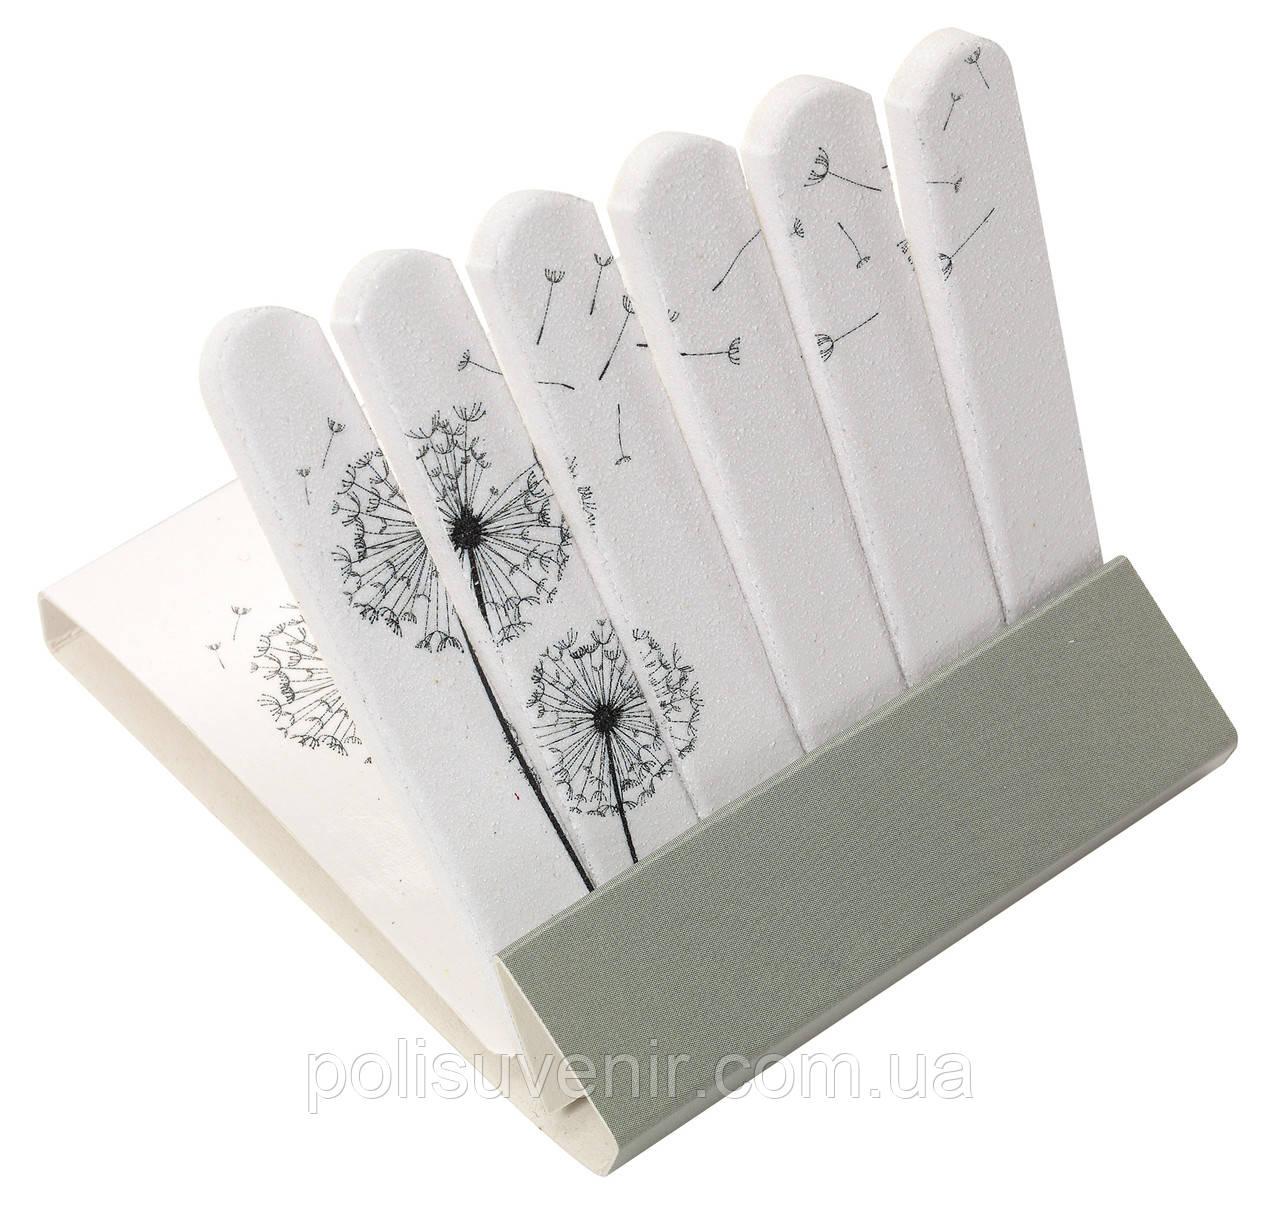 Комплект мини напильничков для ногтей